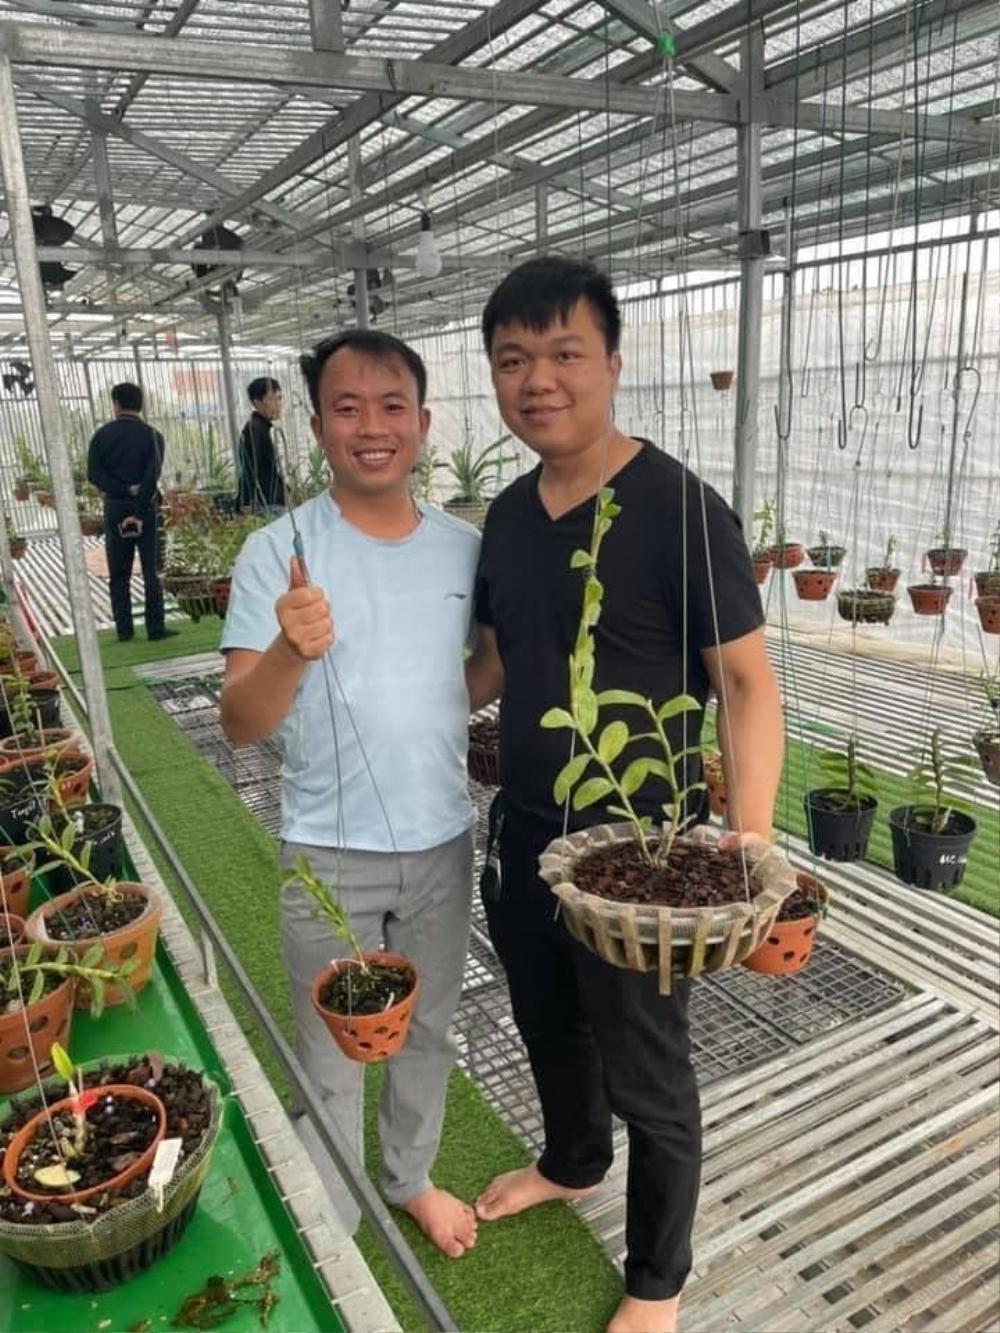 Nghệ nhân Nguyễn Đức Đại – chinh phục được hoa lan là một việc làm đầy thử thách Ảnh 3